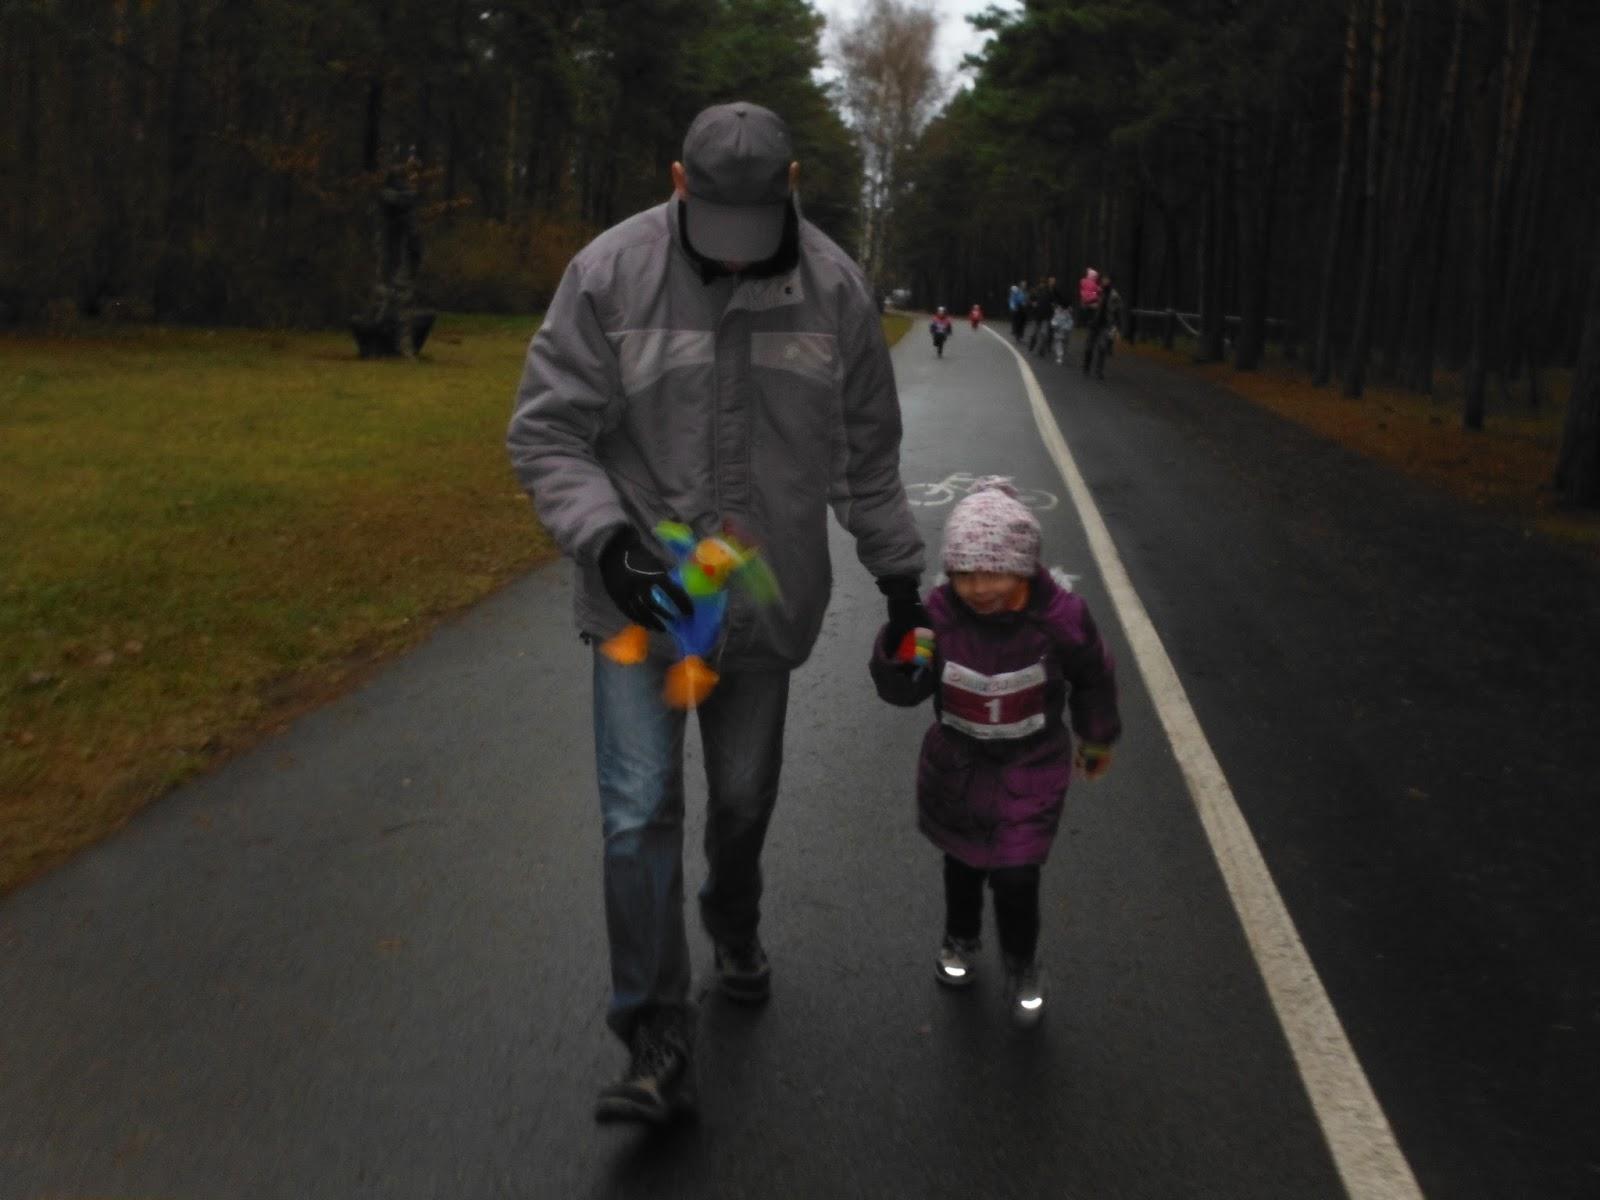 f804e8bc2eca6 Dziecko, które wówczas powtórnie przecięto na pół już rok później  zafascynowało się moim bieganiem. W listopadzie 2013 r. zaczęła biegać ze  mną i szybko ...